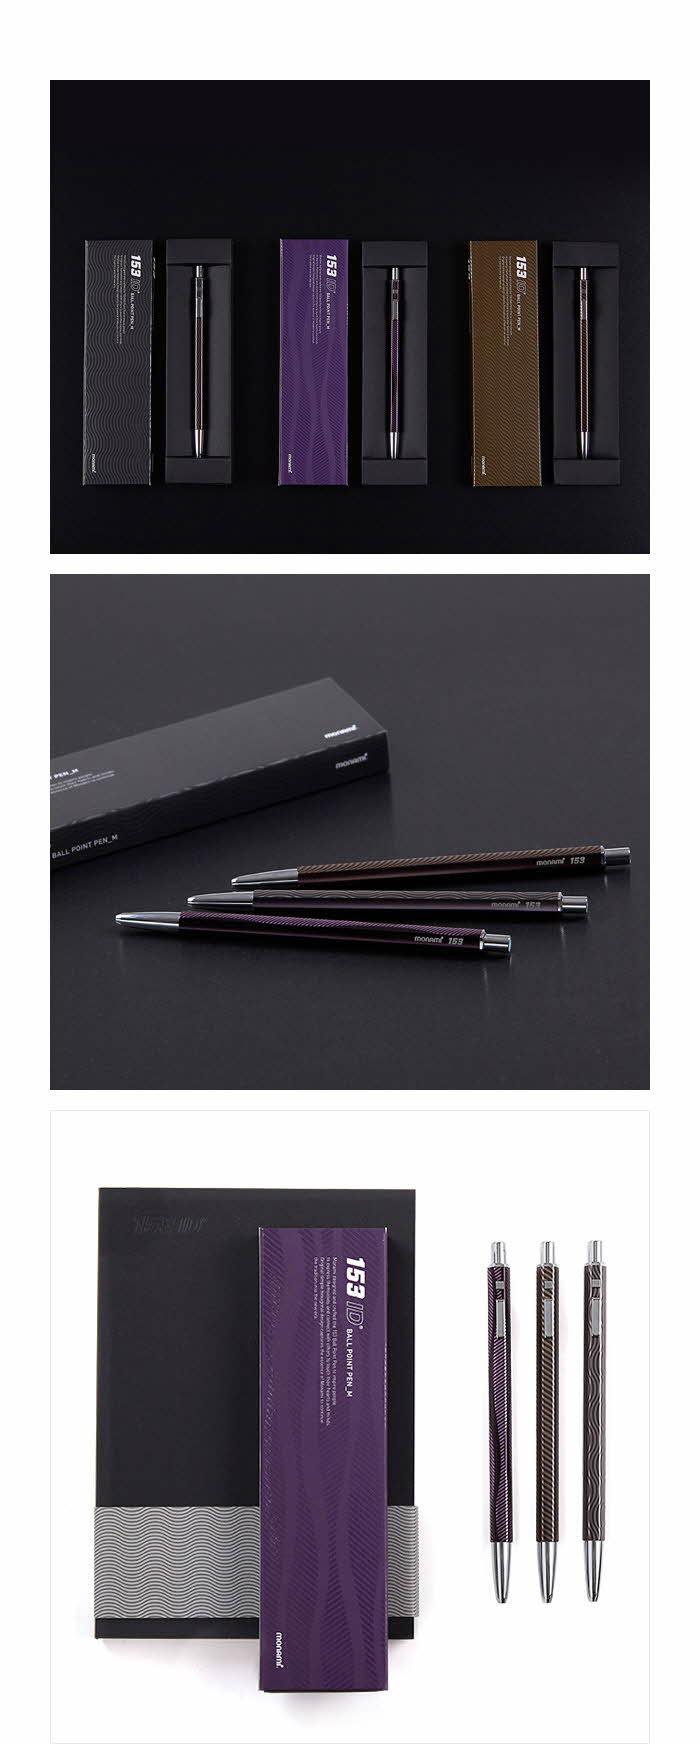 모나미 153 지오매틱 한정판 볼펜 노트세트 - 모나미, 18,000원, 심플/베이직펜, 세트